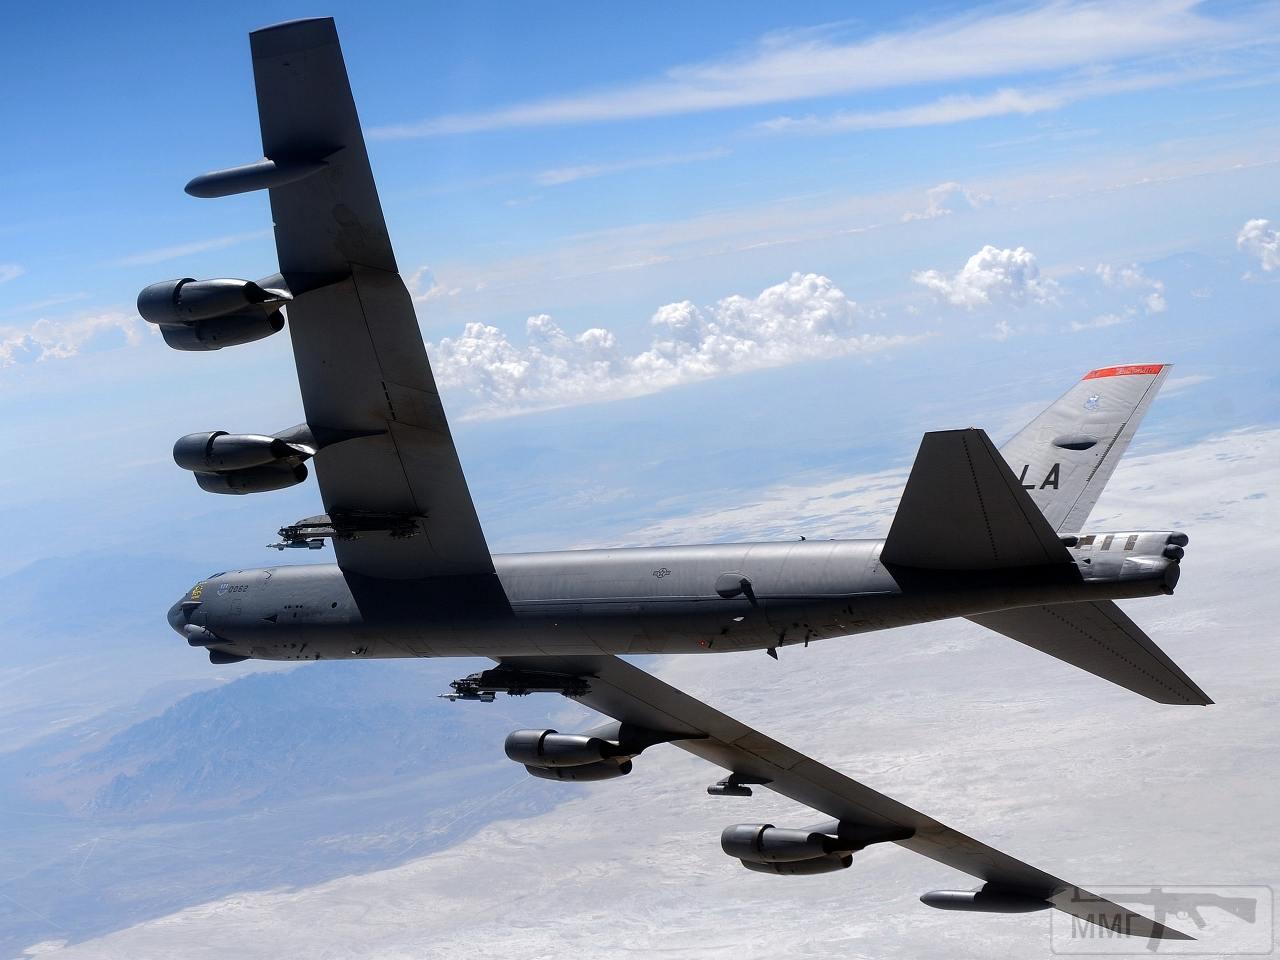 28314 - Красивые фото и видео боевых самолетов